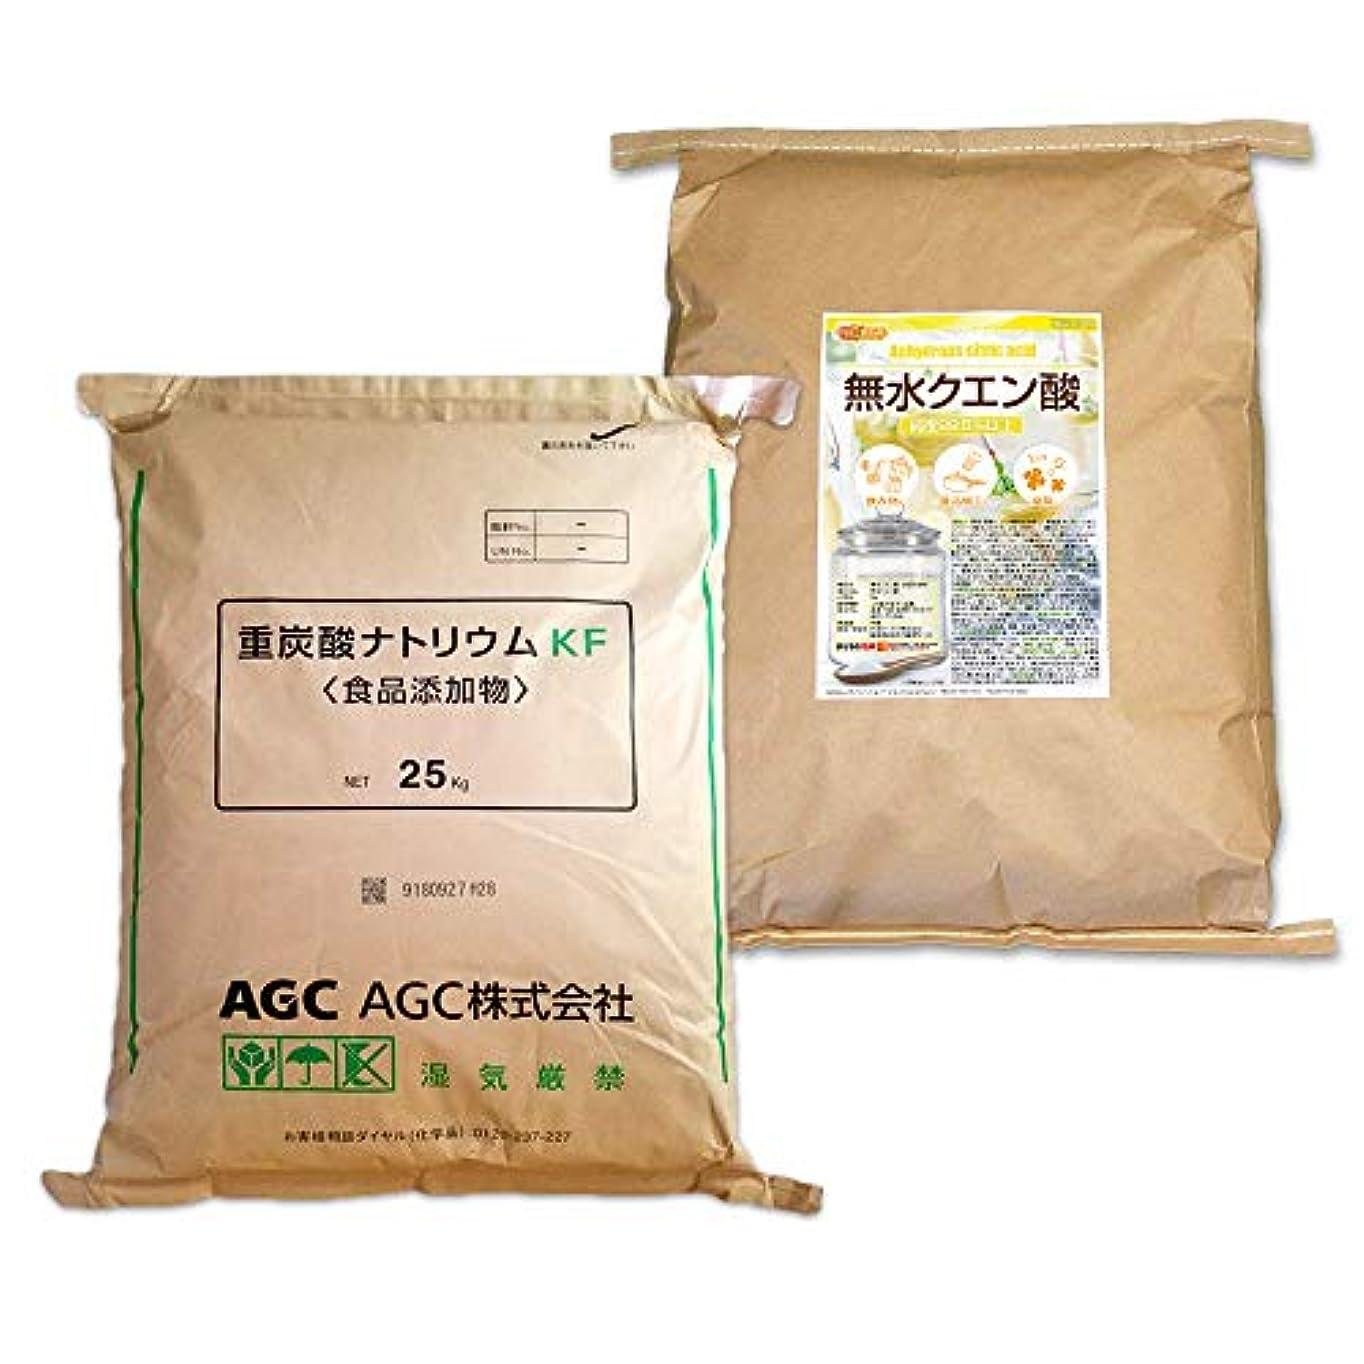 消去刺激する決してAGC製 重曹 25kg + 無水 クエン酸 25kg セット [02] 【同梱不可】NICHIGA(ニチガ)